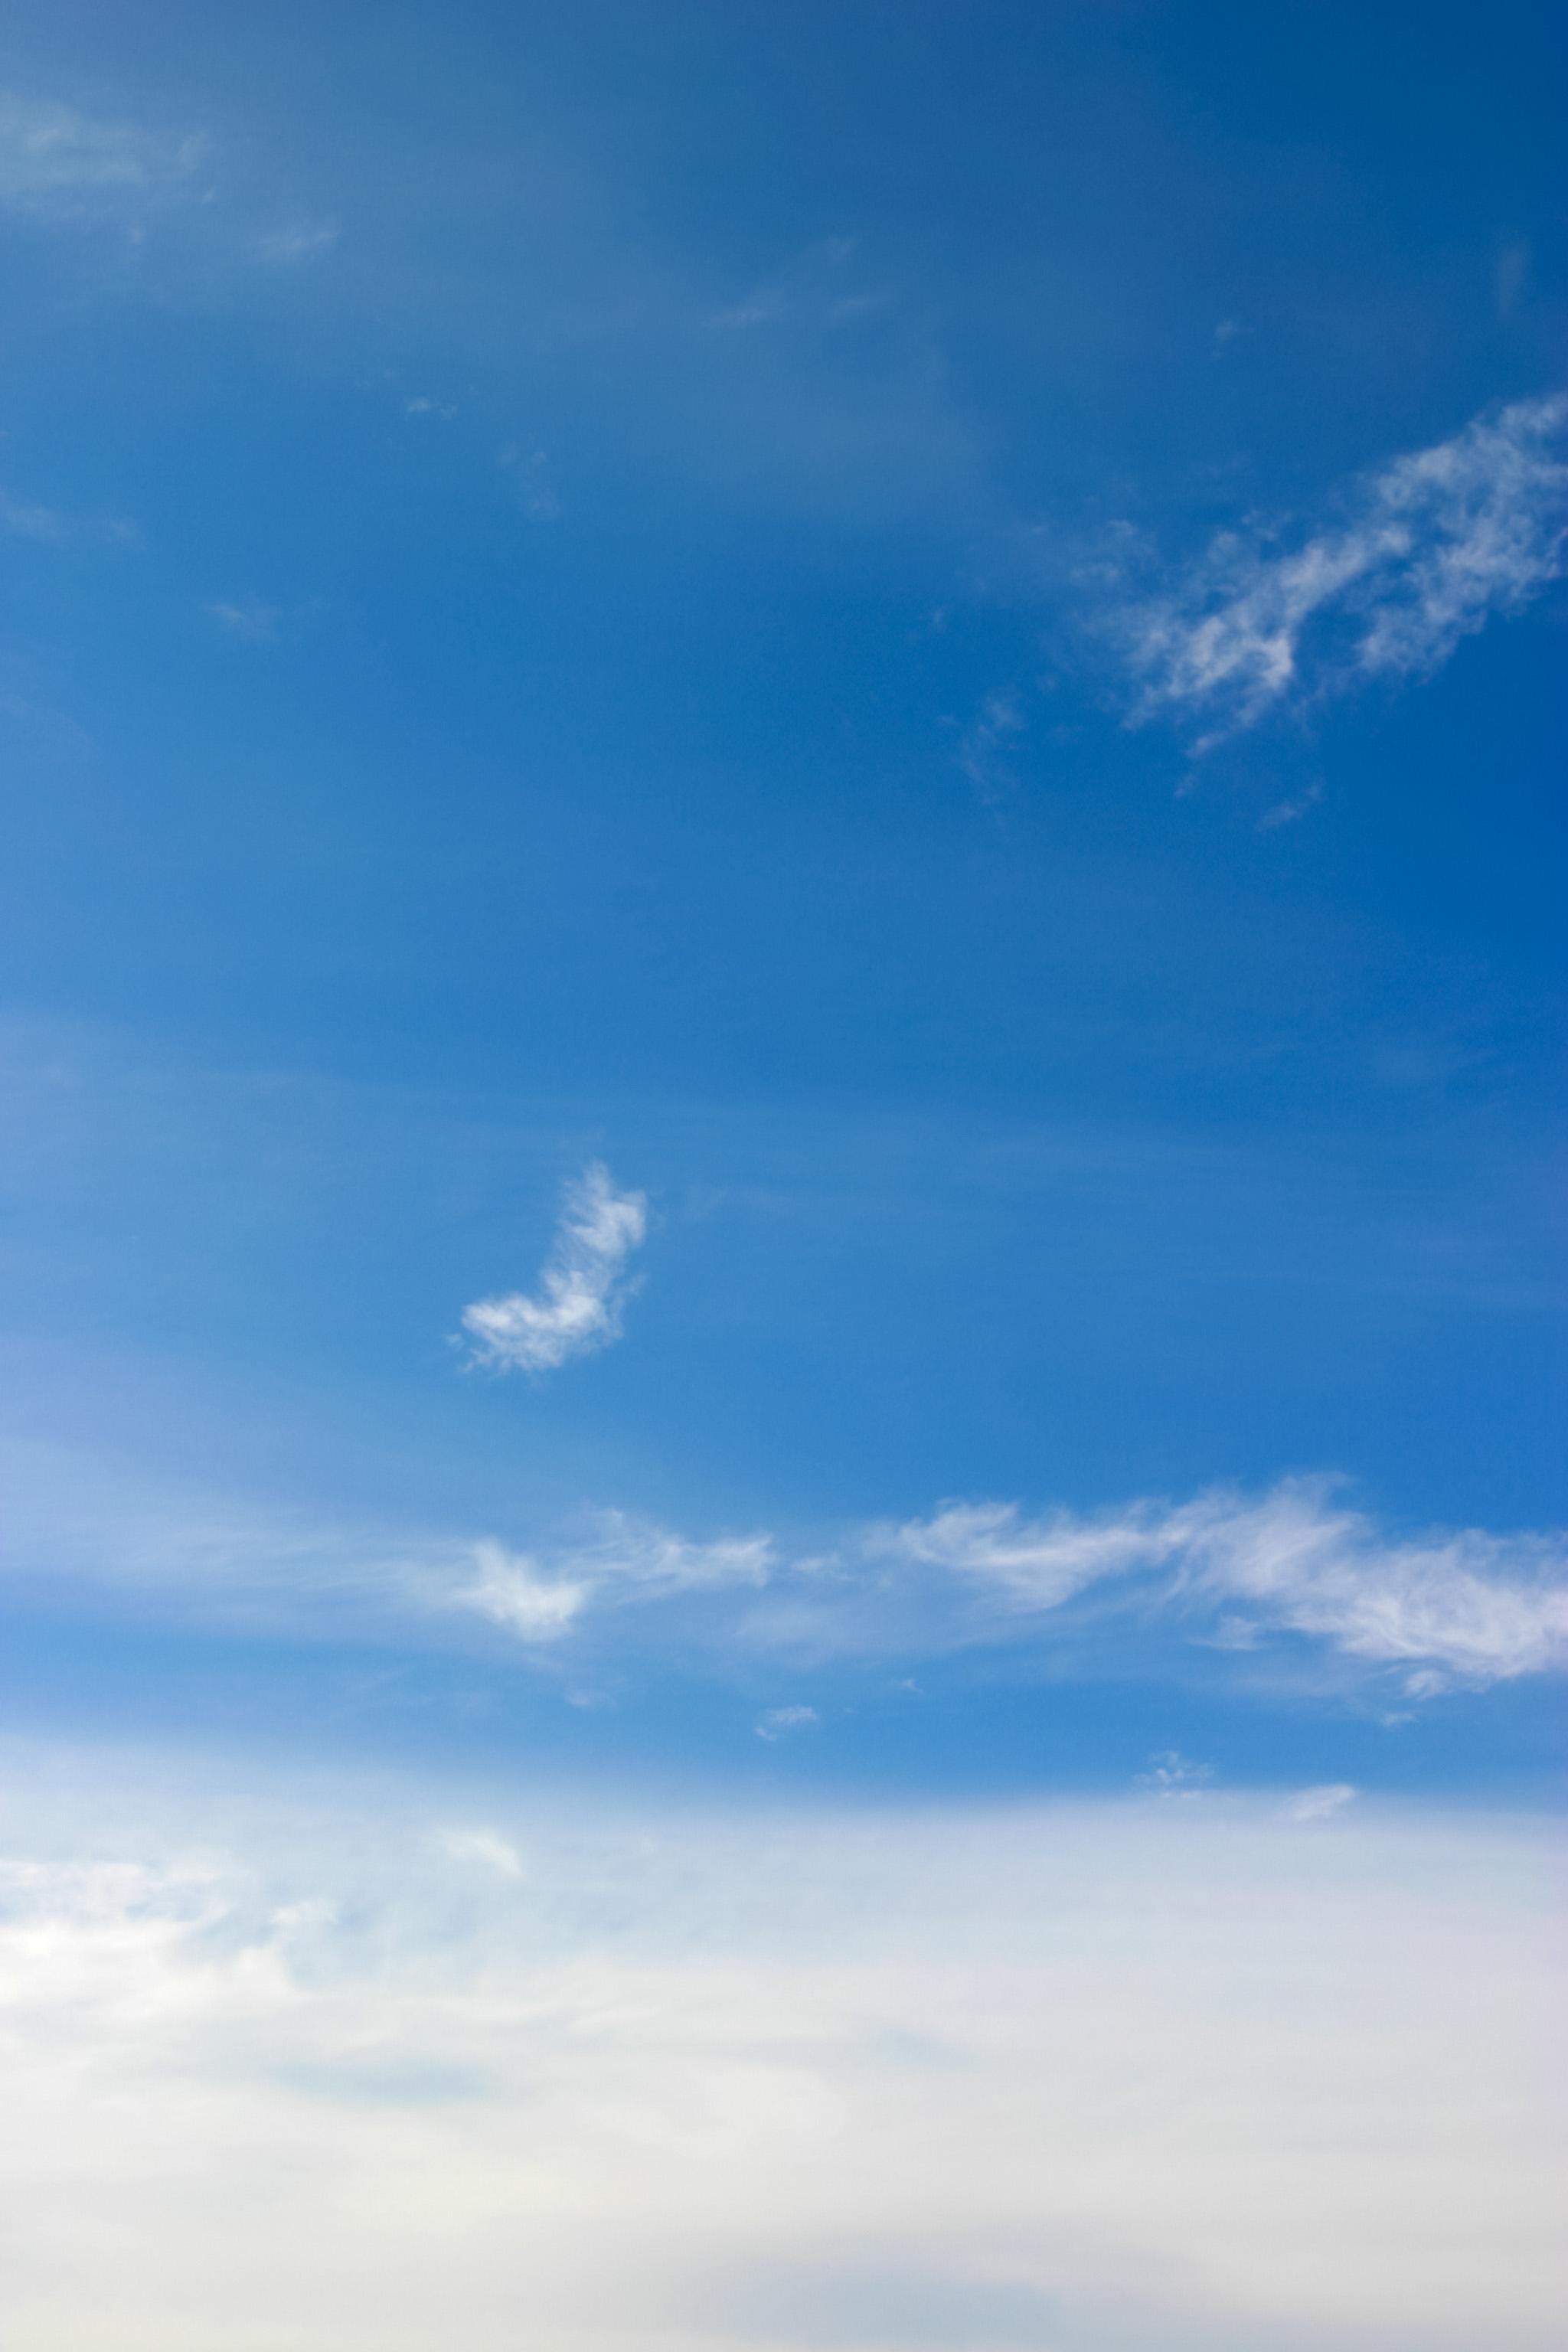 雲の上の澄み切った空 Free Photos L/RGB/JPEG/350dpi